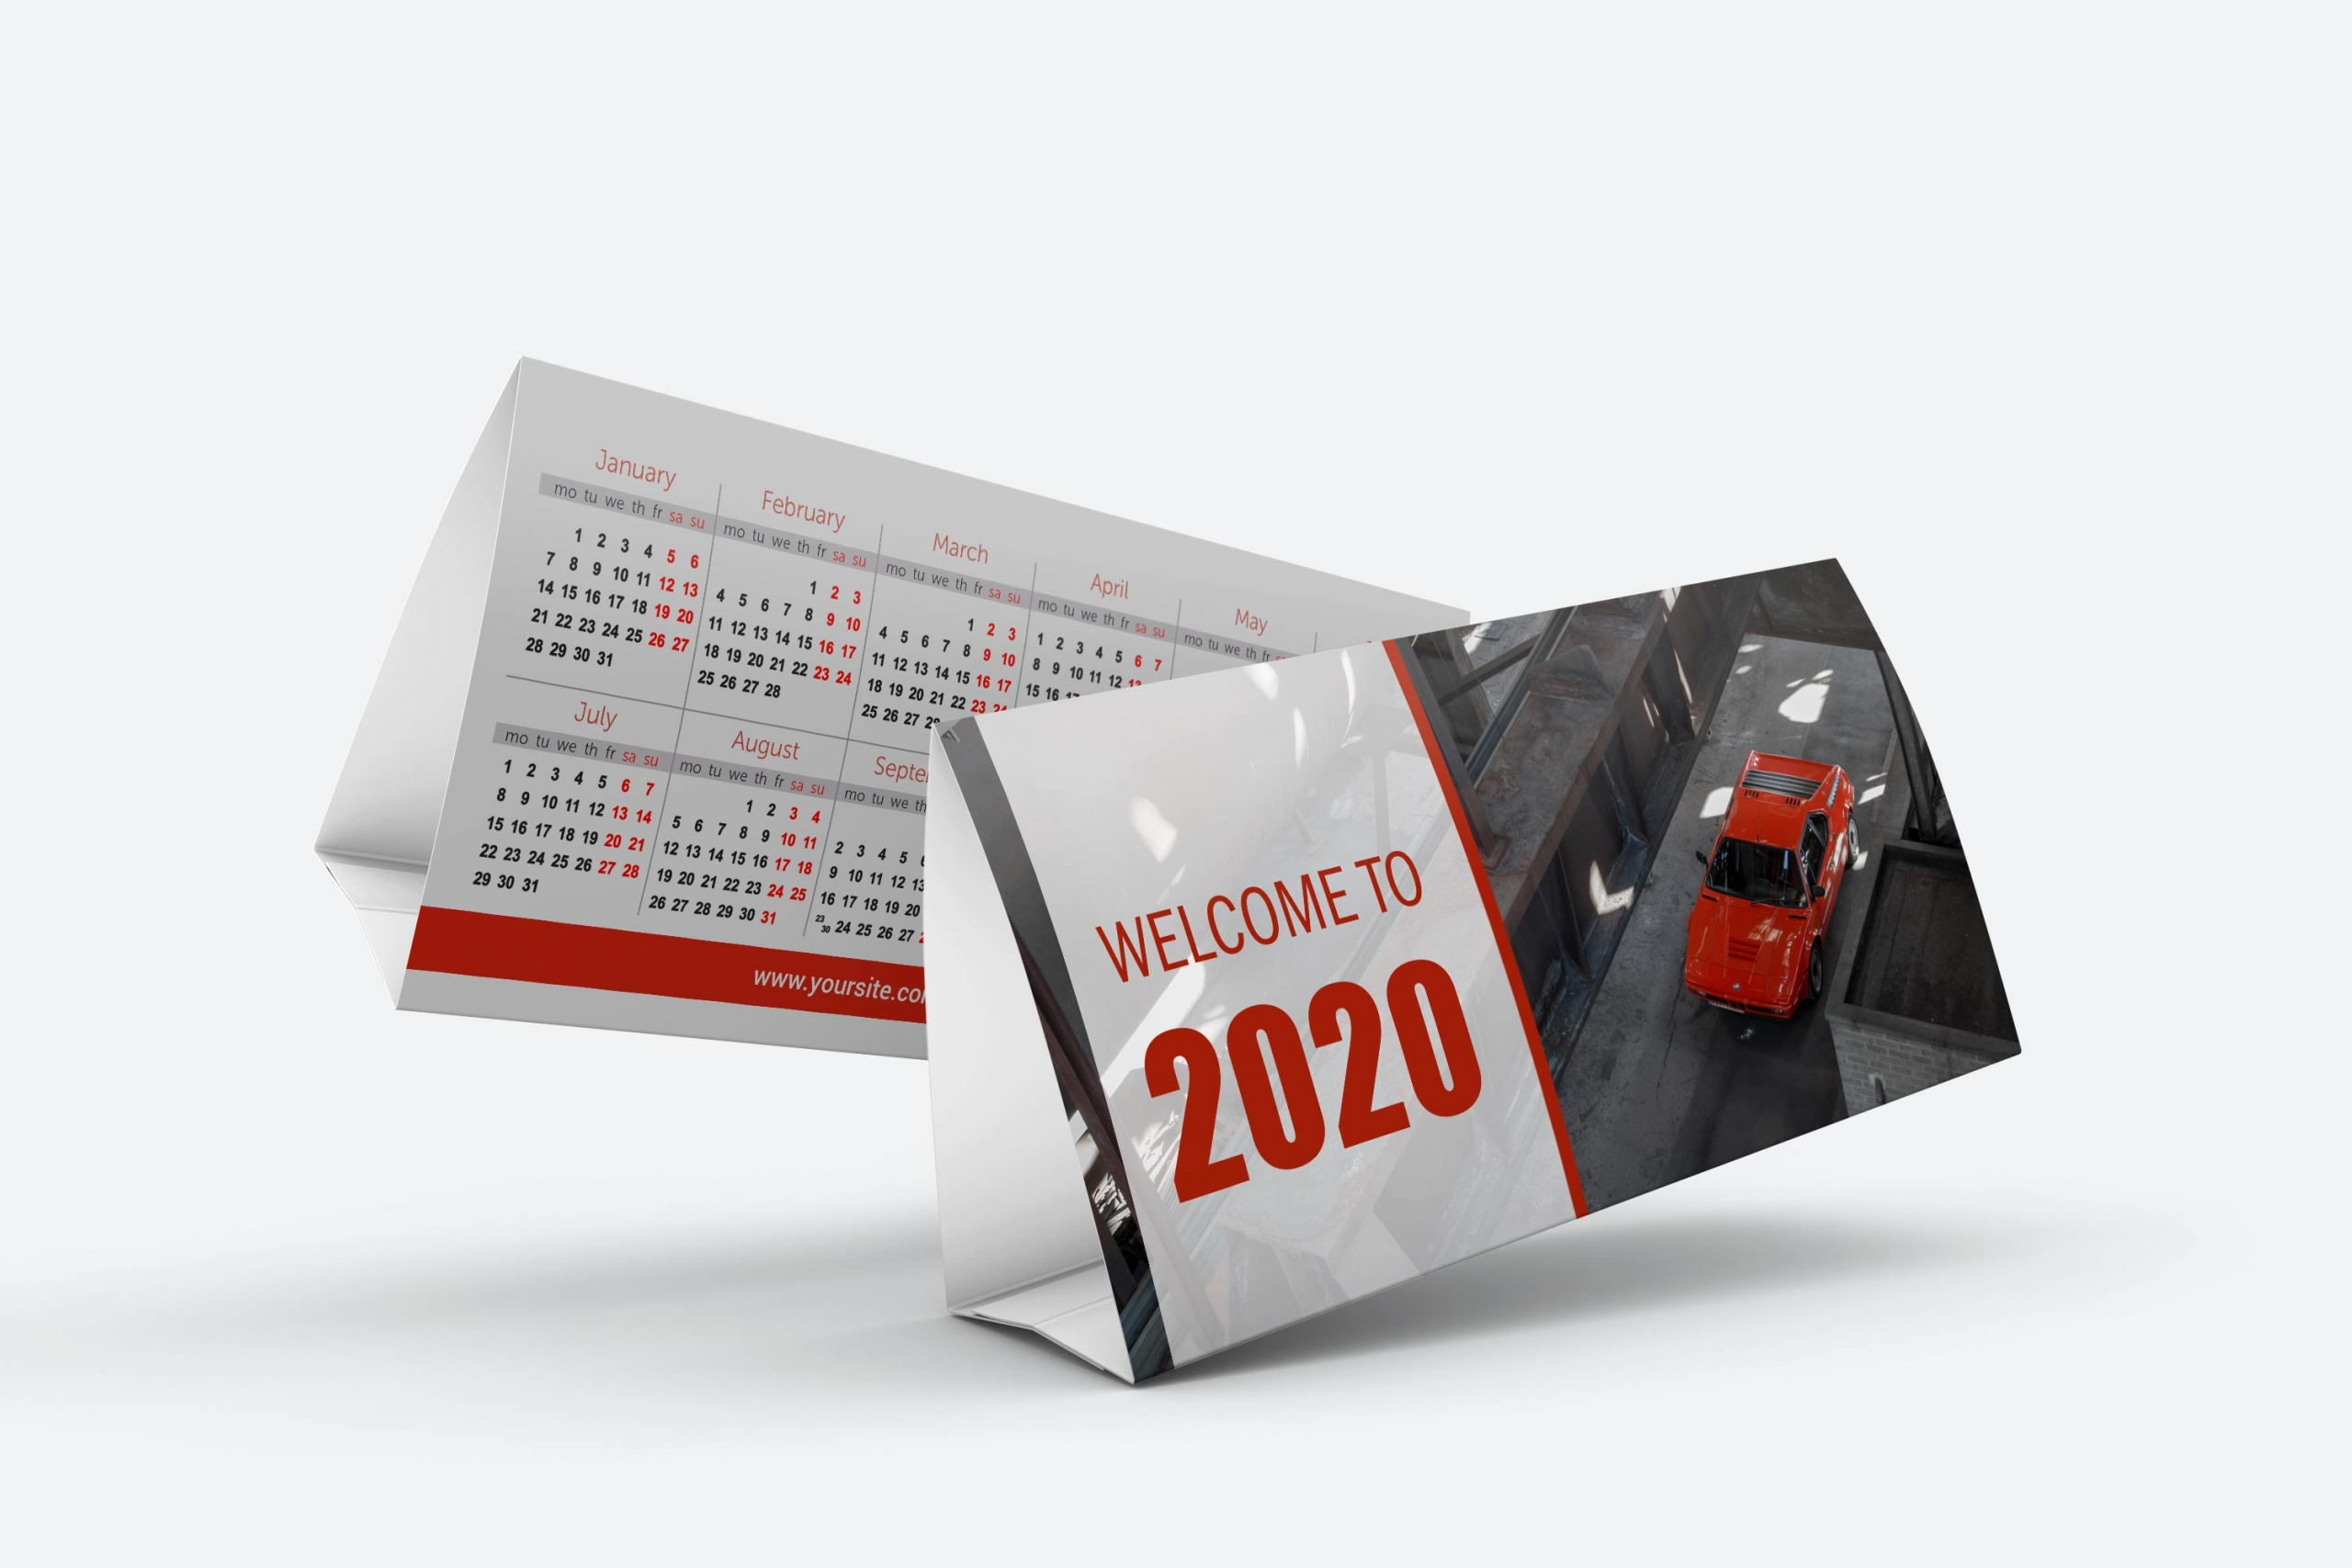 Gestaltung div. Werbemittel wie Kalender, Kugelschreiber, Feuerzeuge, Zollstöcke, USB-Sticks ...